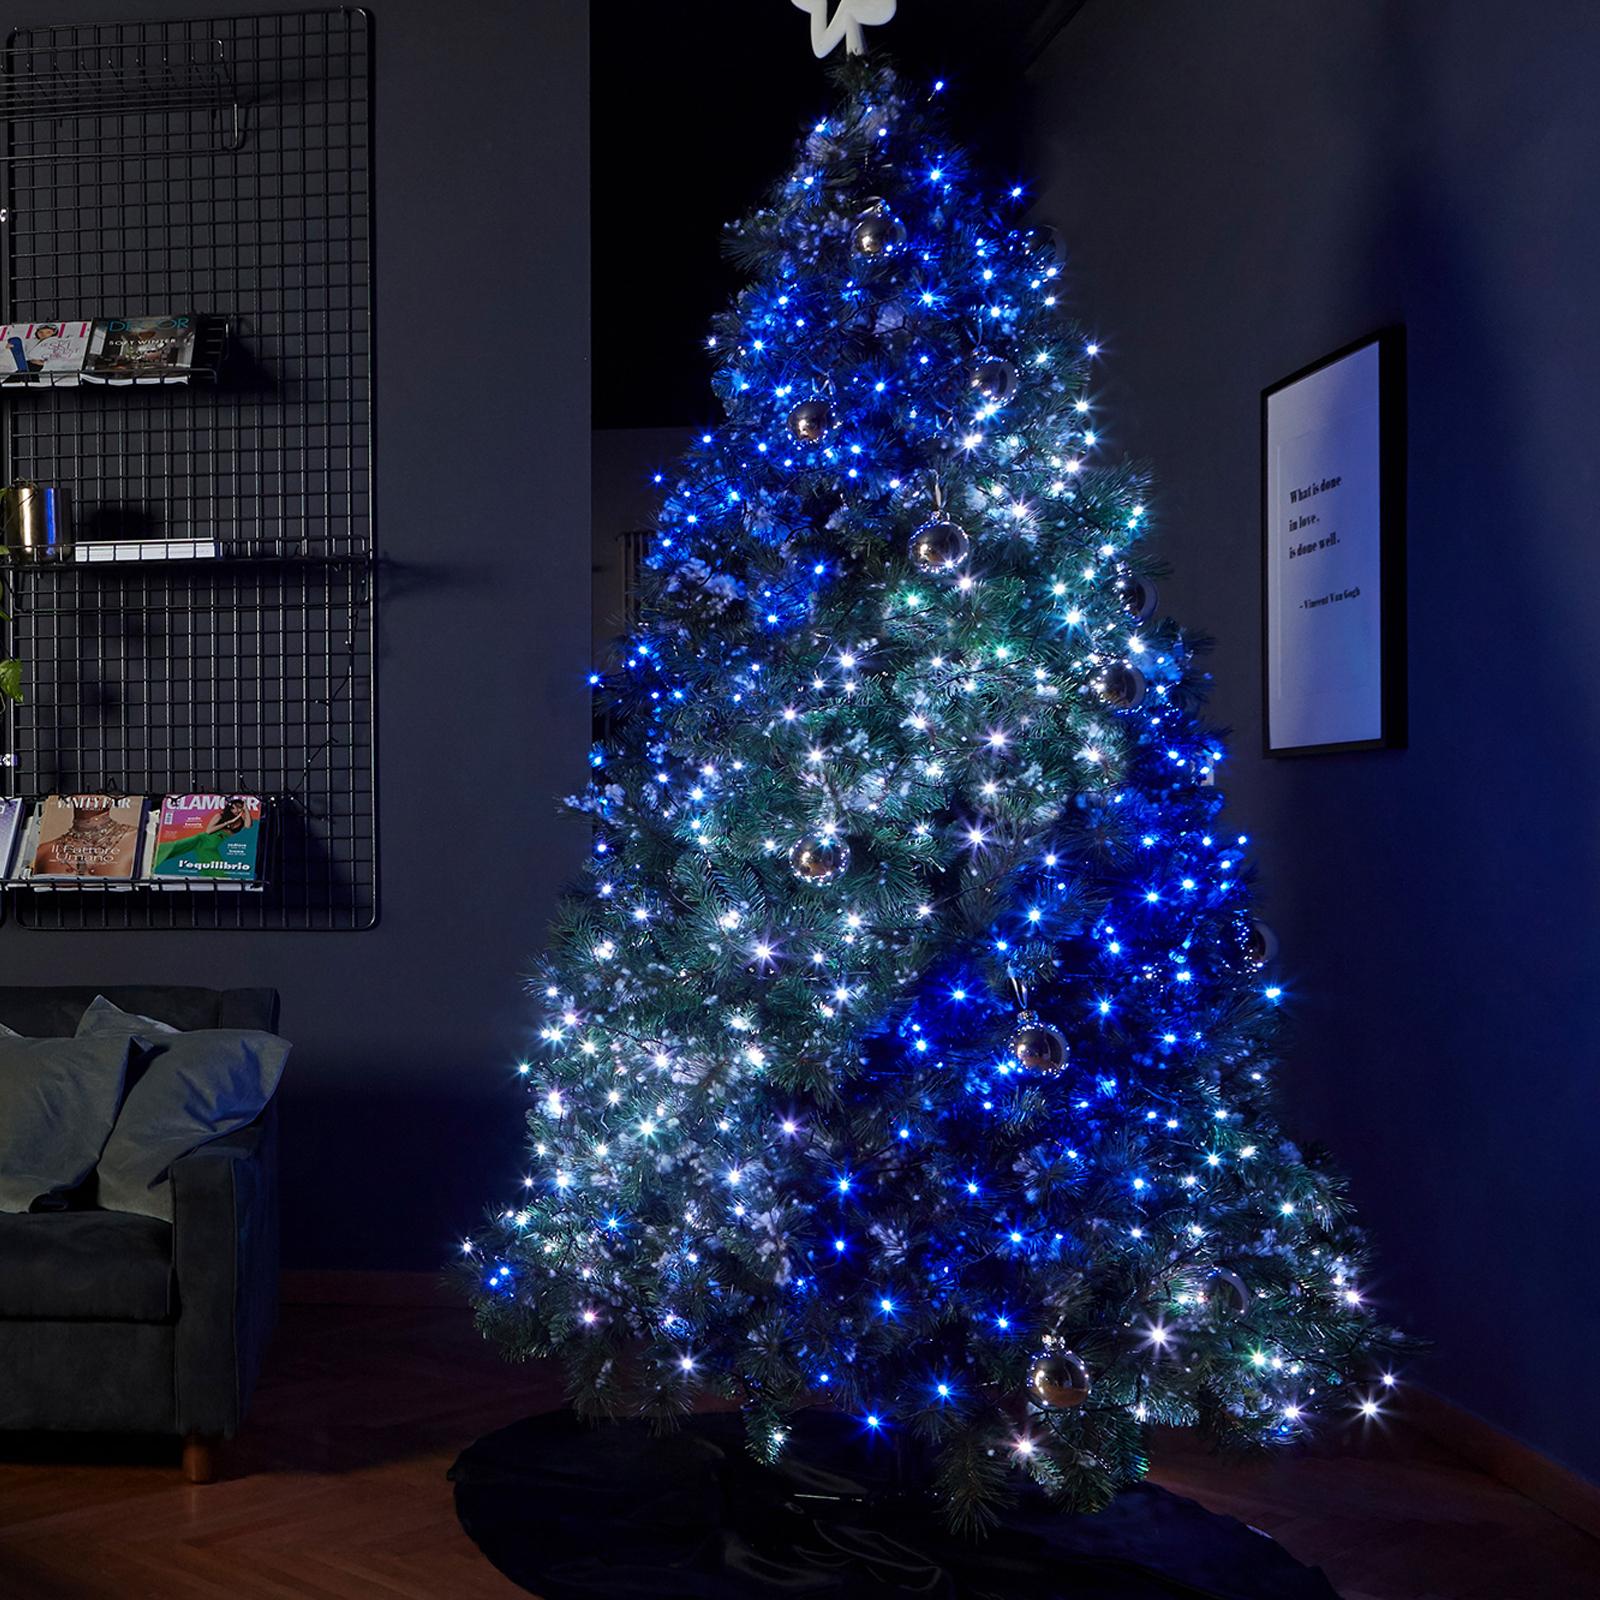 Lichterkette Twinkly RGBW schwarz 400-flammig 32m